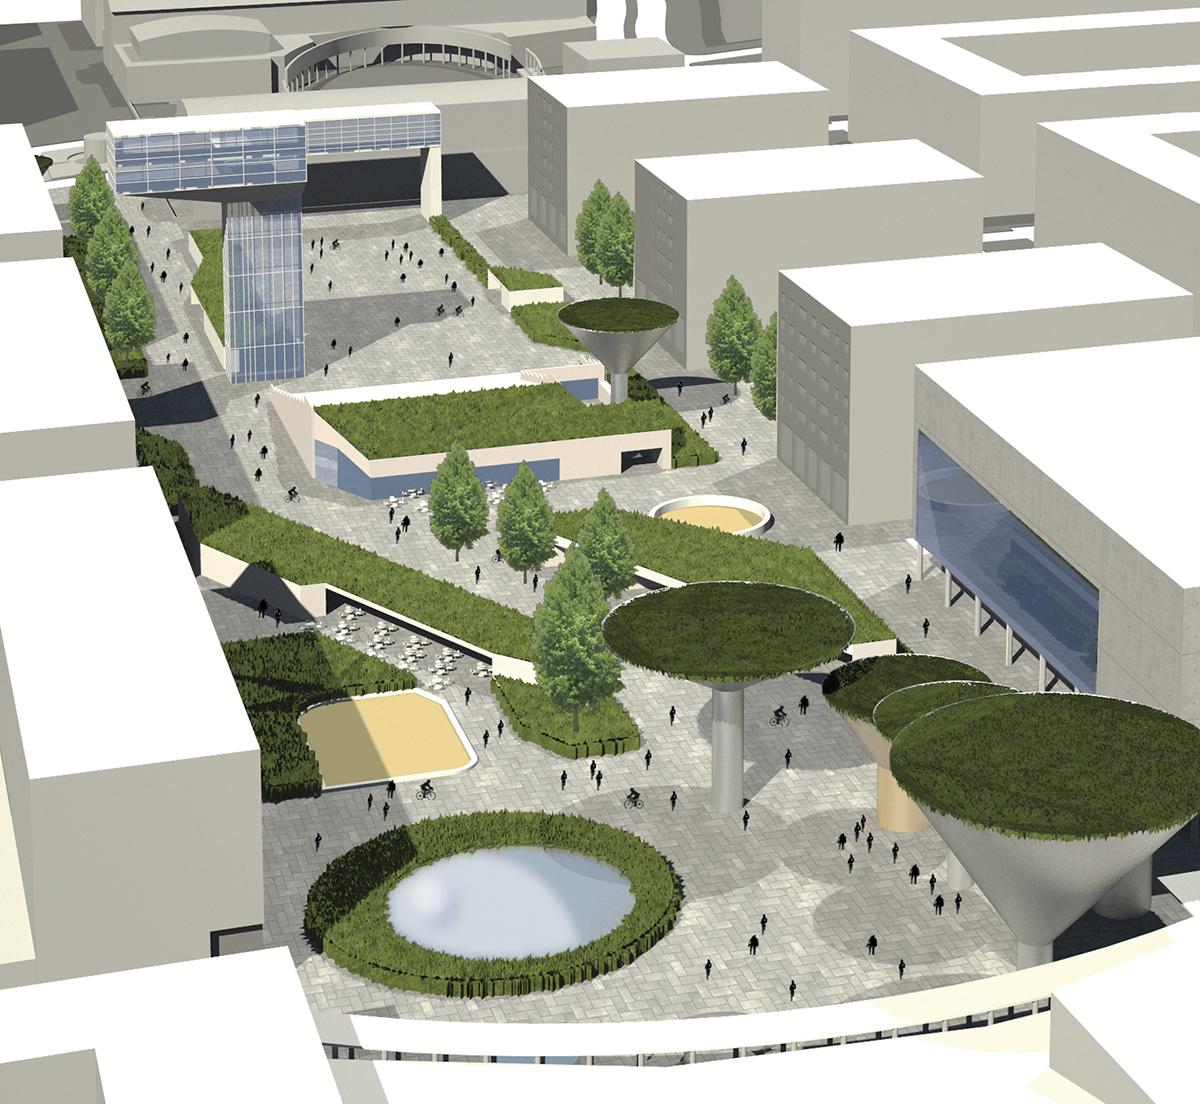 Concurso para la remodelación de la plaza central de Tres Cantos